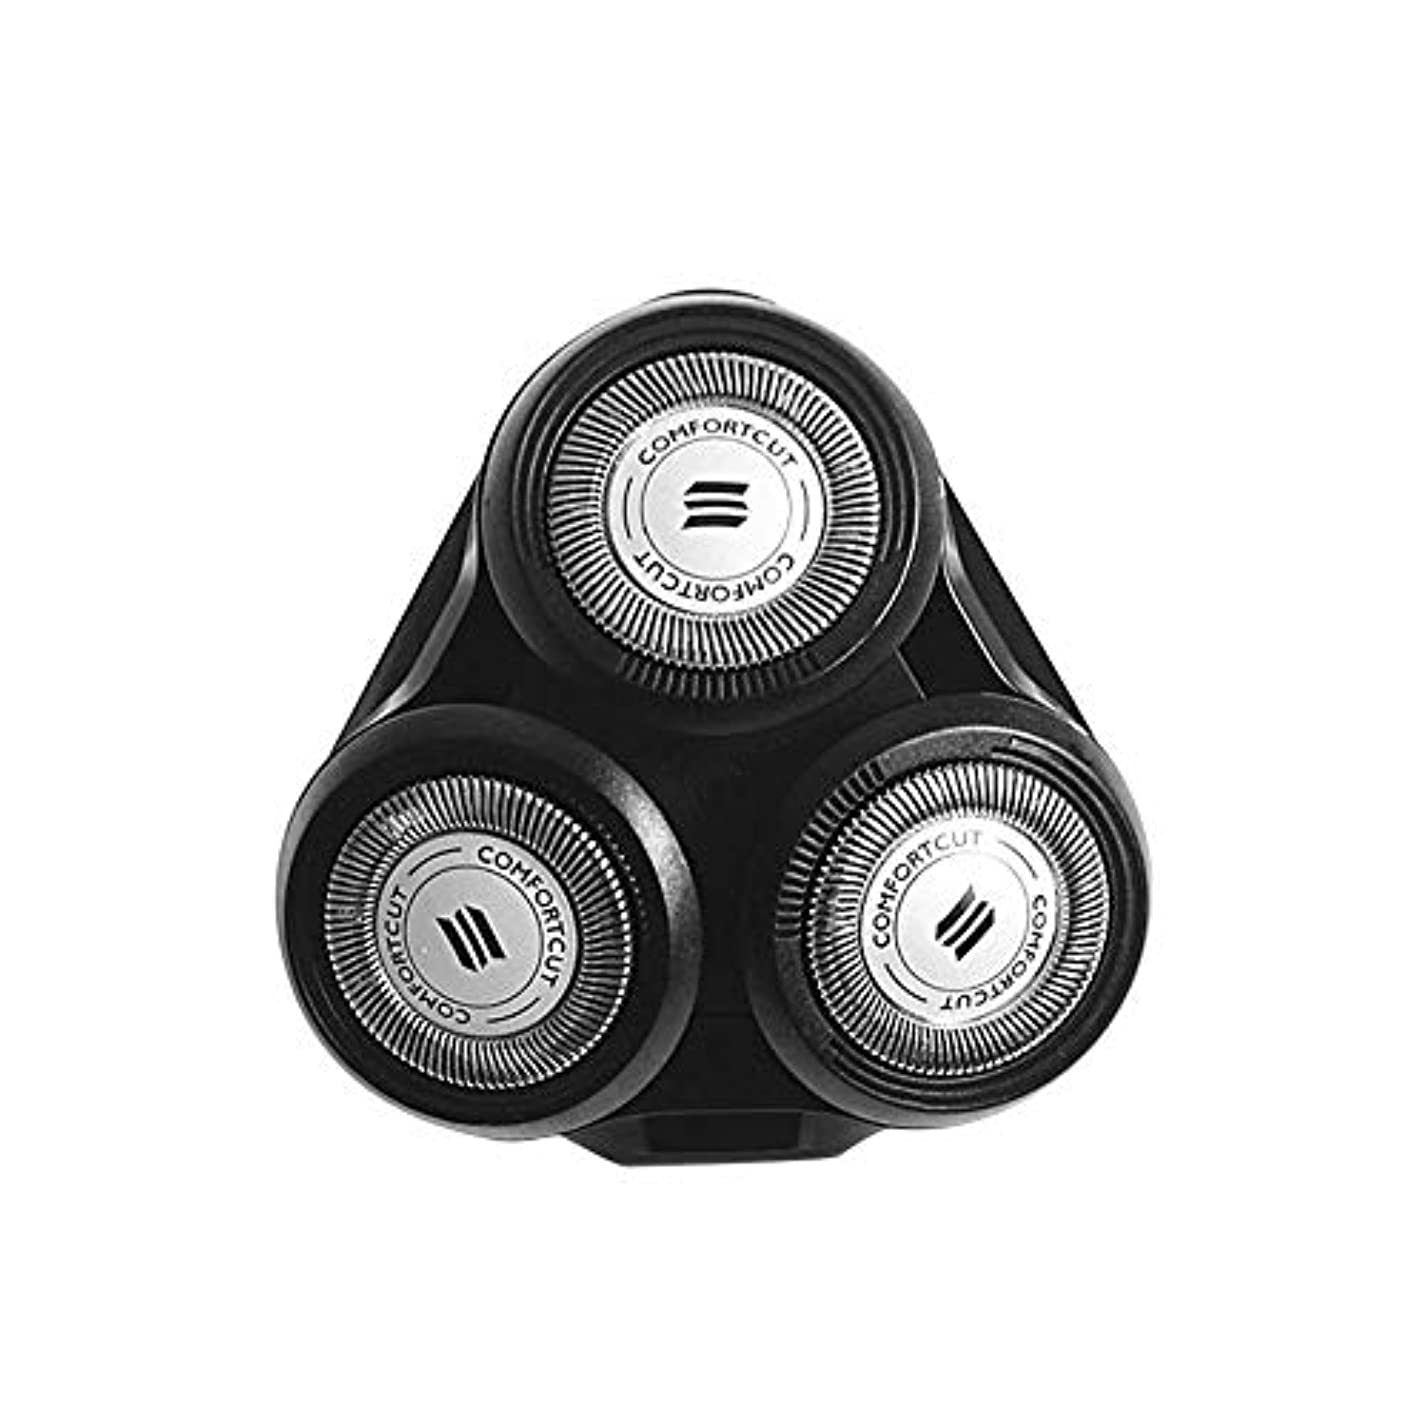 コールファントムアジアシェービングヘッド、電気シェーバー交換ヘッド、フィリップスシェービングヘッド用交換ヘッド、モデルS5000 SH70 SH90 RQ10 RQ11 RQ12と互換性あり